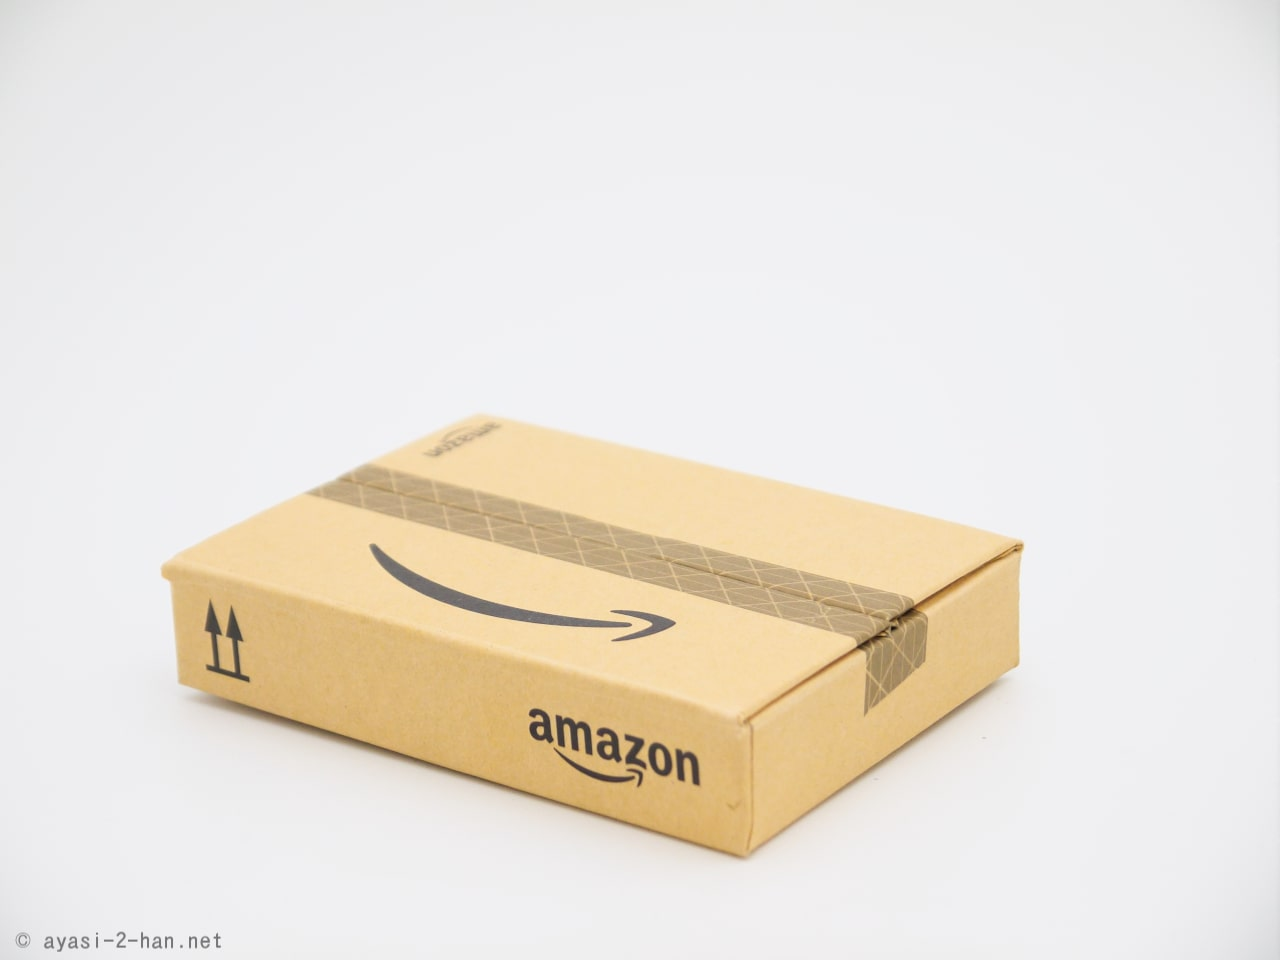 Amazonギフト券のパッケージがなんだか小粋な感じで良いなあって思いました。(使い方の解説もあるよ)